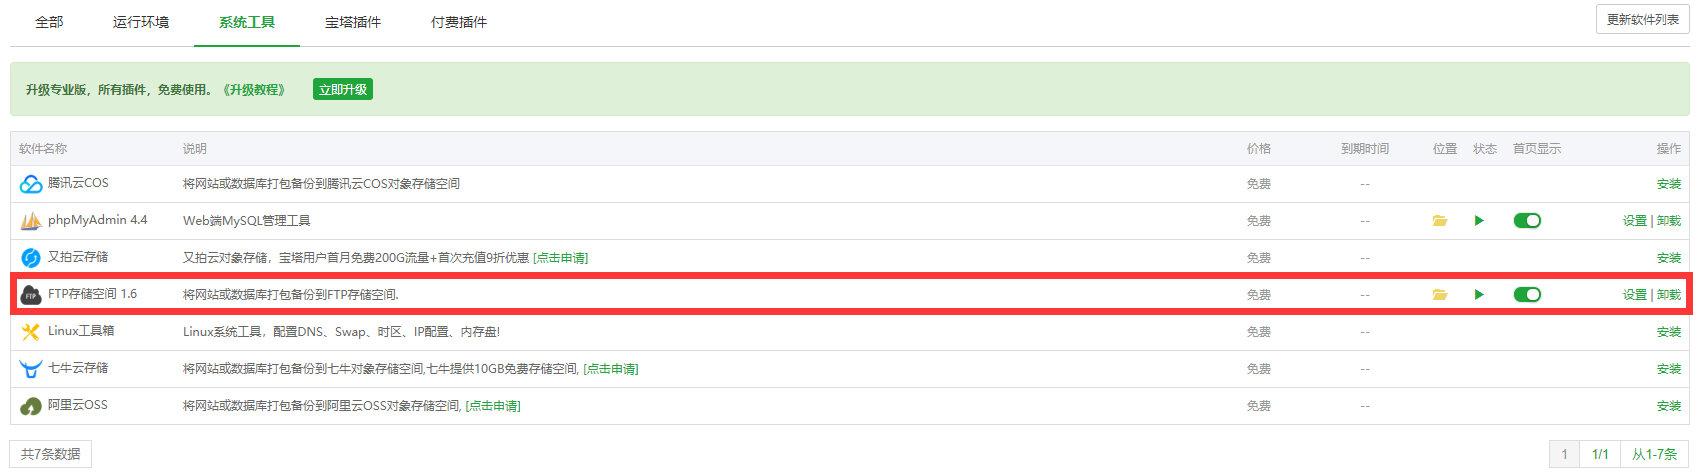 利用Openload每日免费自动备份网站/数据库 附宝塔面板实操详细教程 建站笔记 第3张